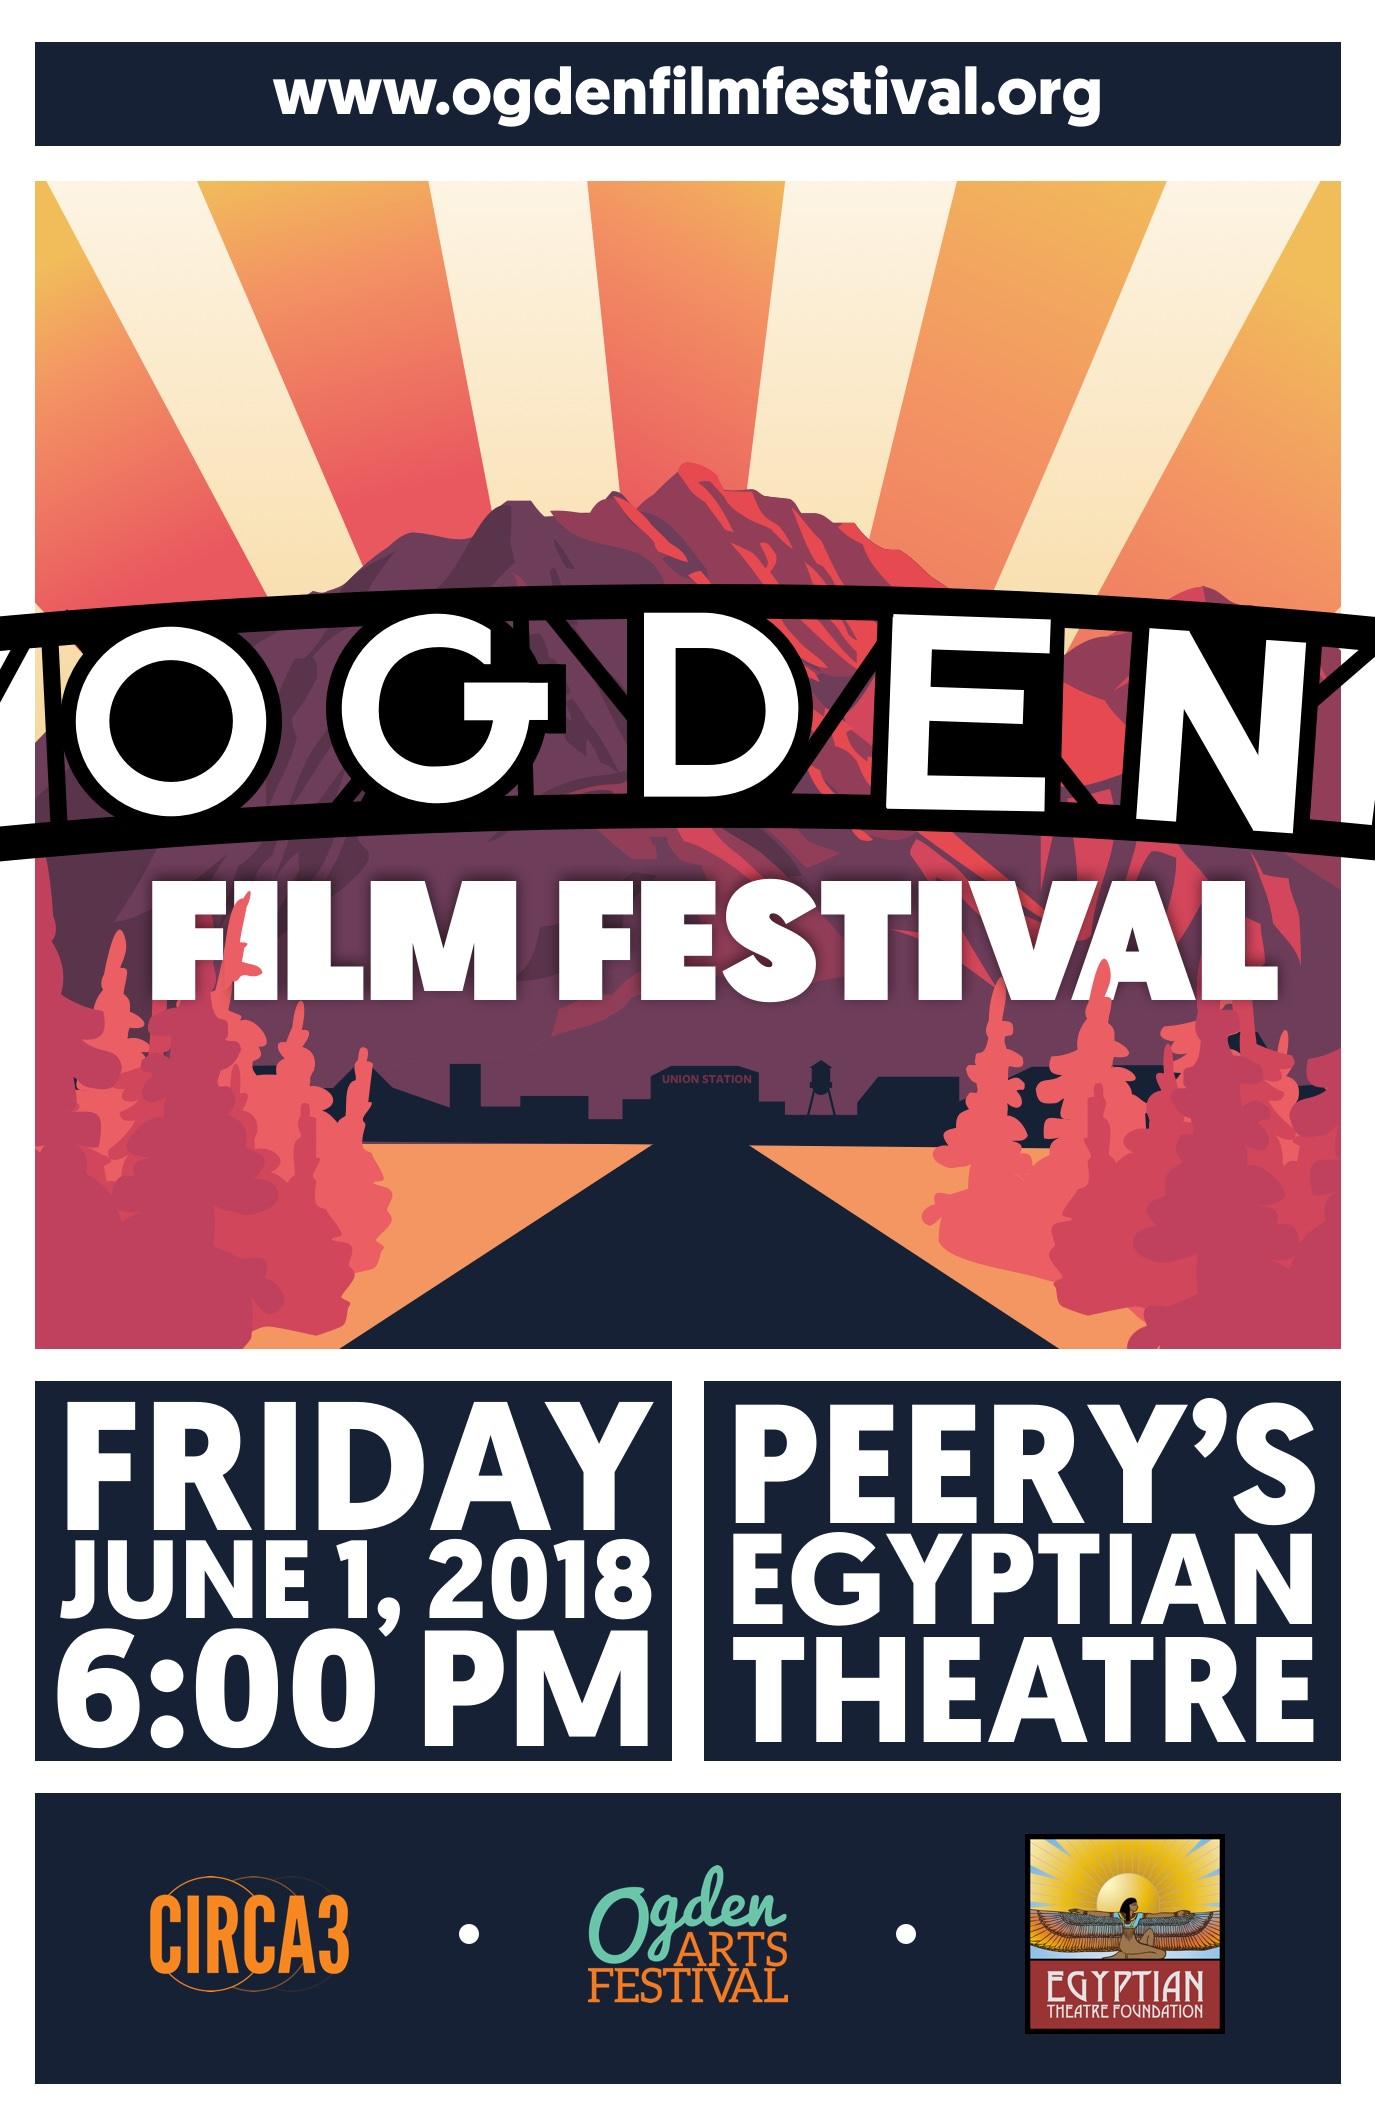 Ogden Film Festival